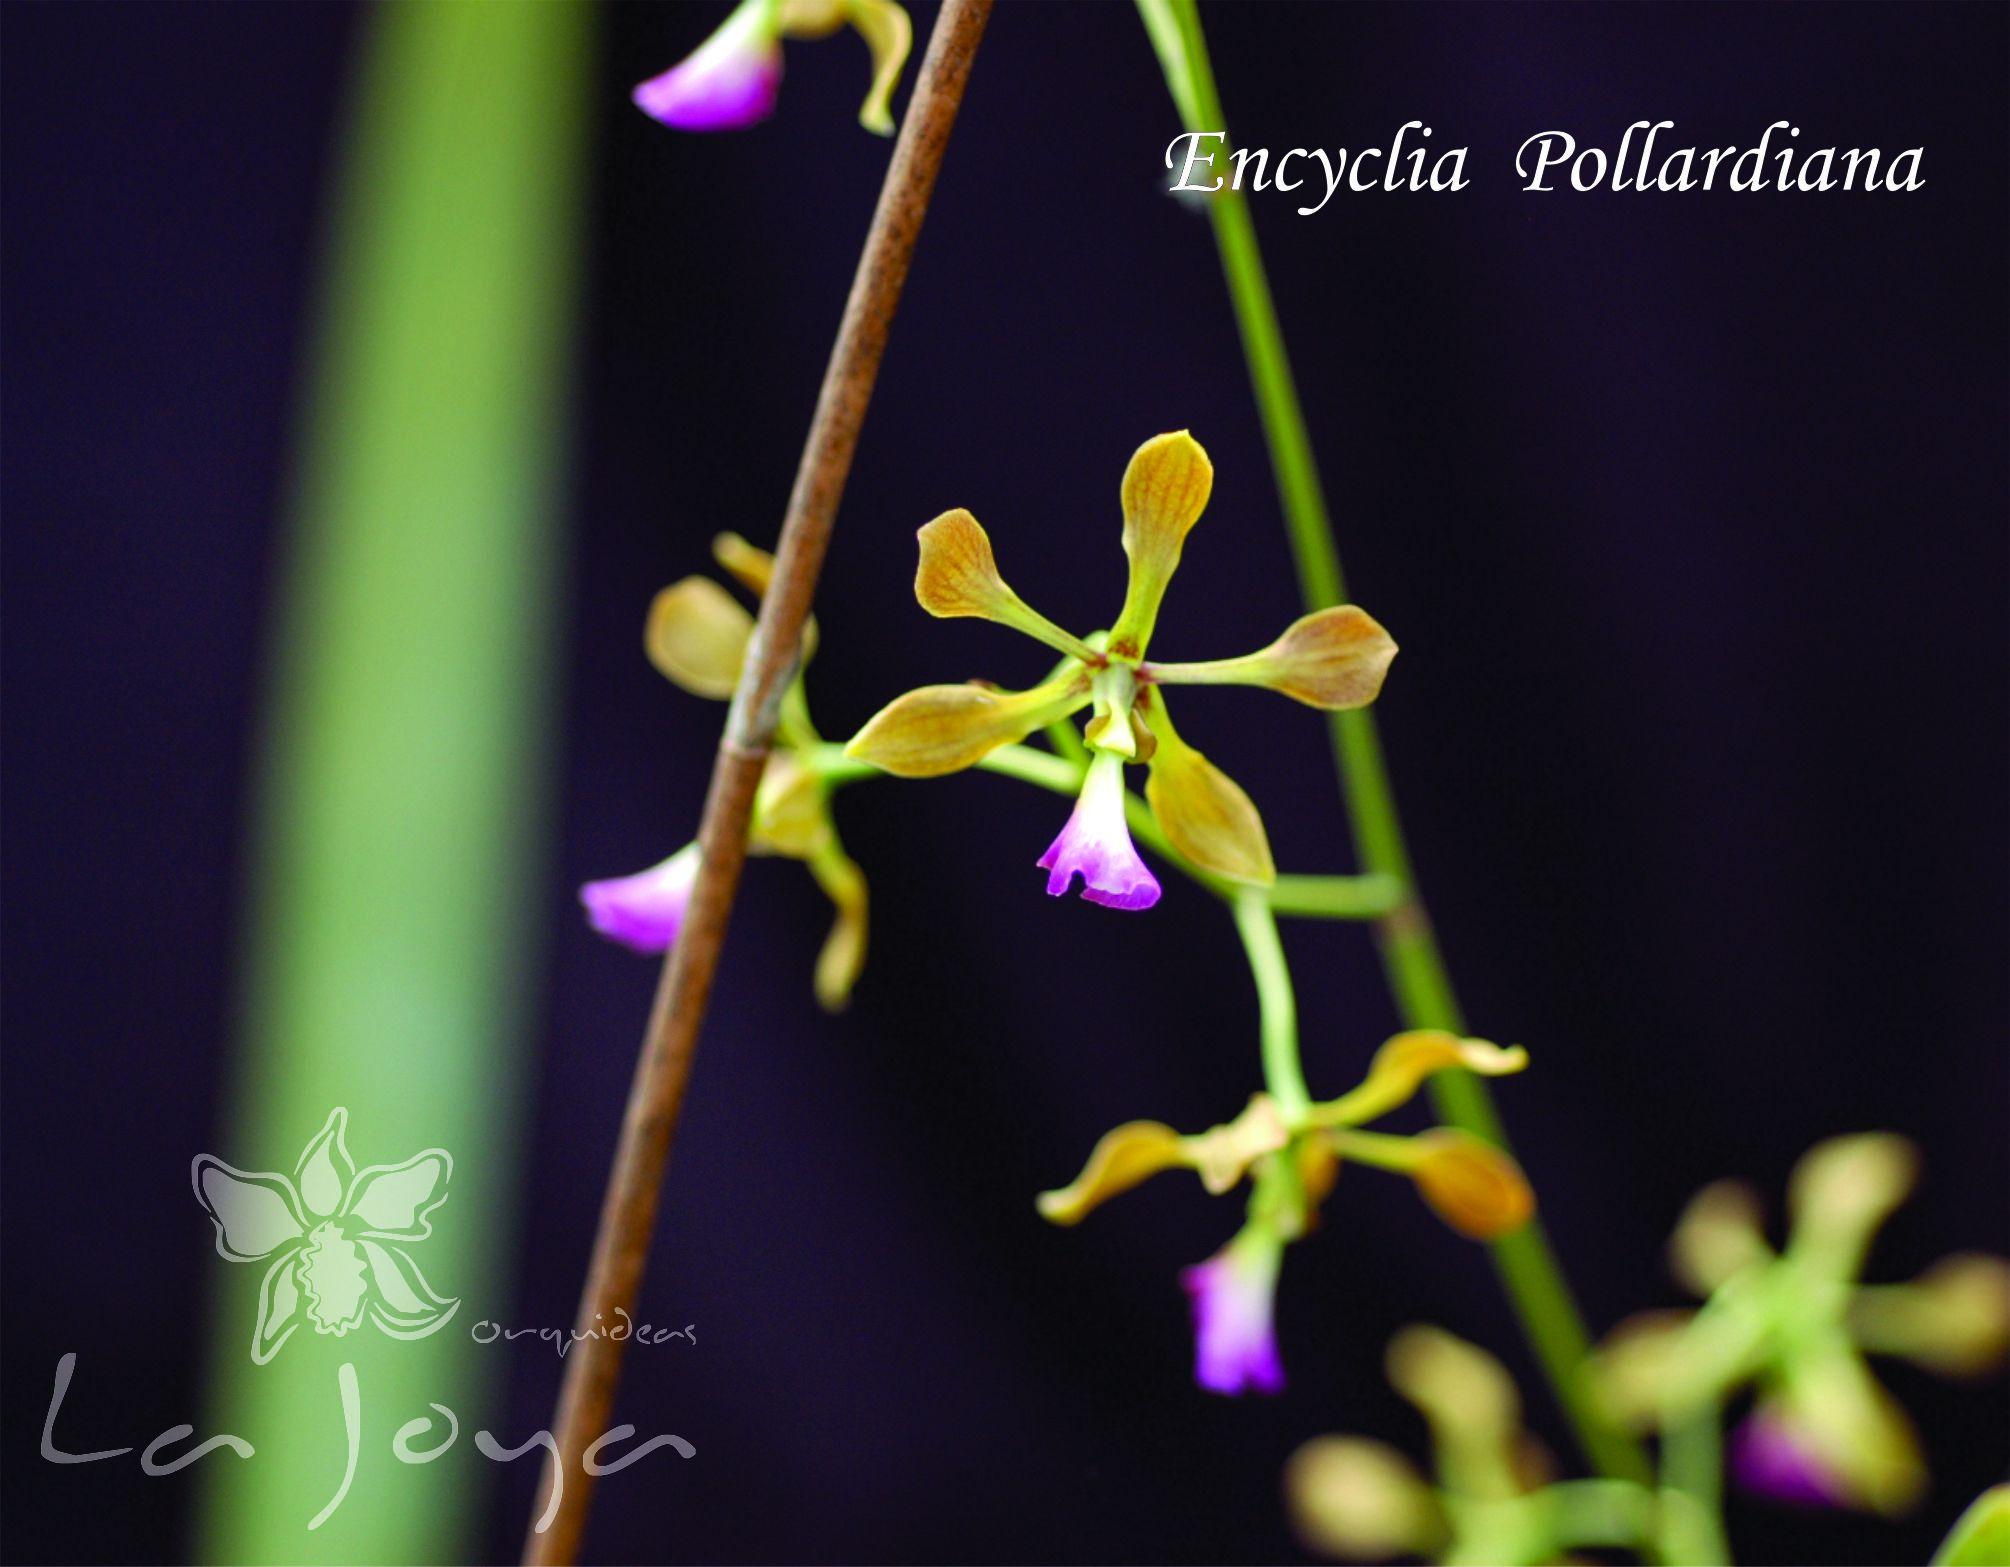 Encyclia Pollardiana